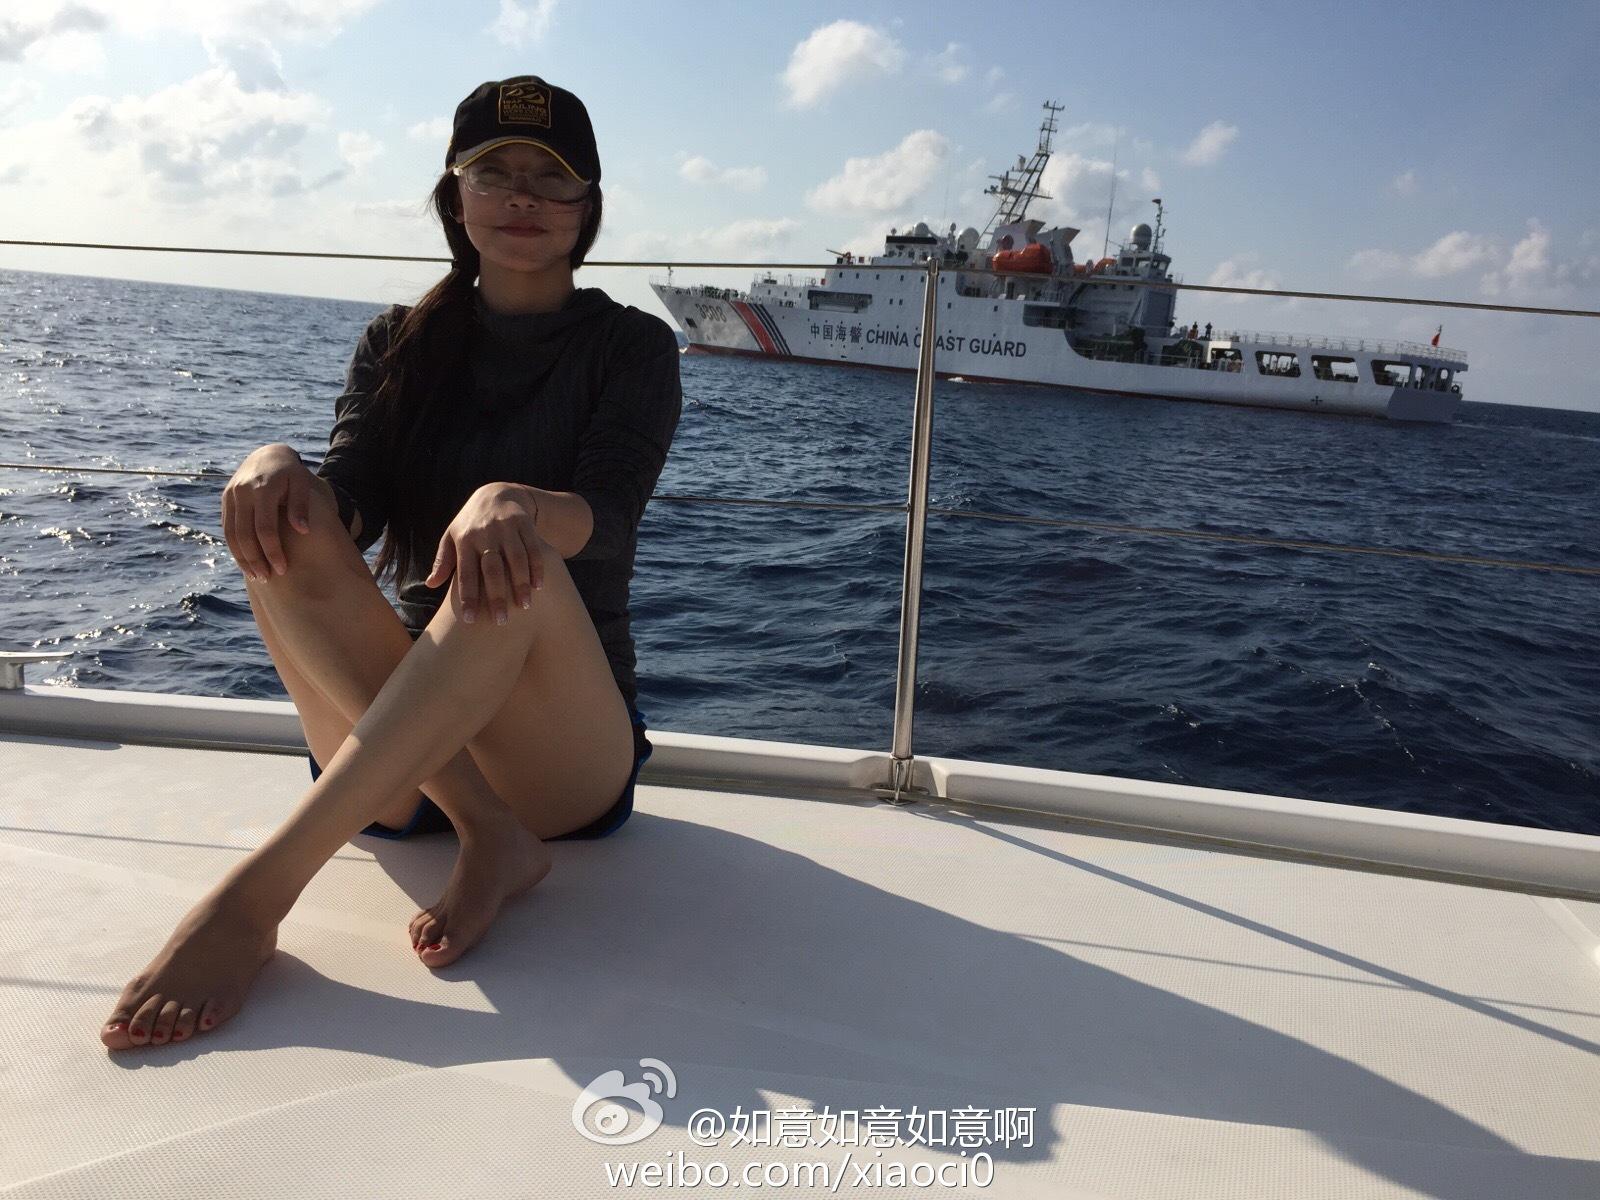 2016 07 15 - Un bombardier chinois au récif de Scarborough - 02